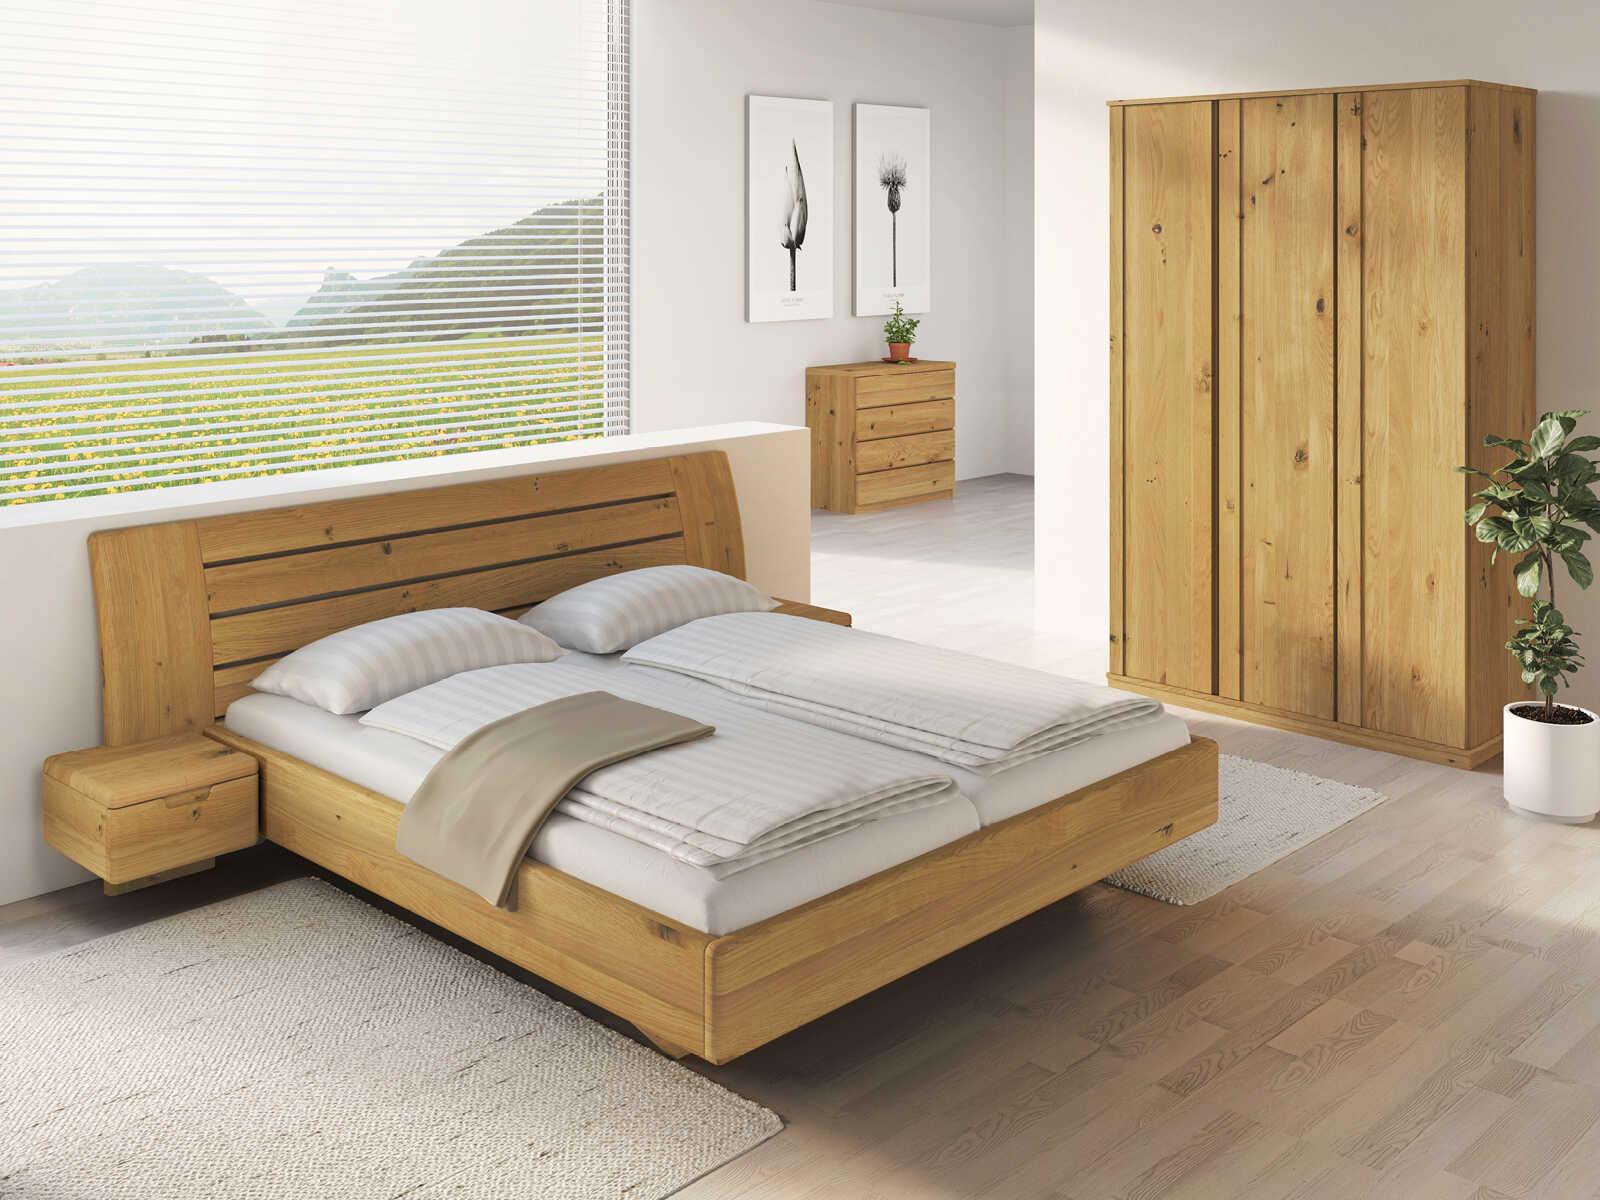 """Schlafzimmer aus Massivholz Wildeiche mit Bett """"Bettina"""" 180 x 200 cm mit schmalen Nachttischen"""